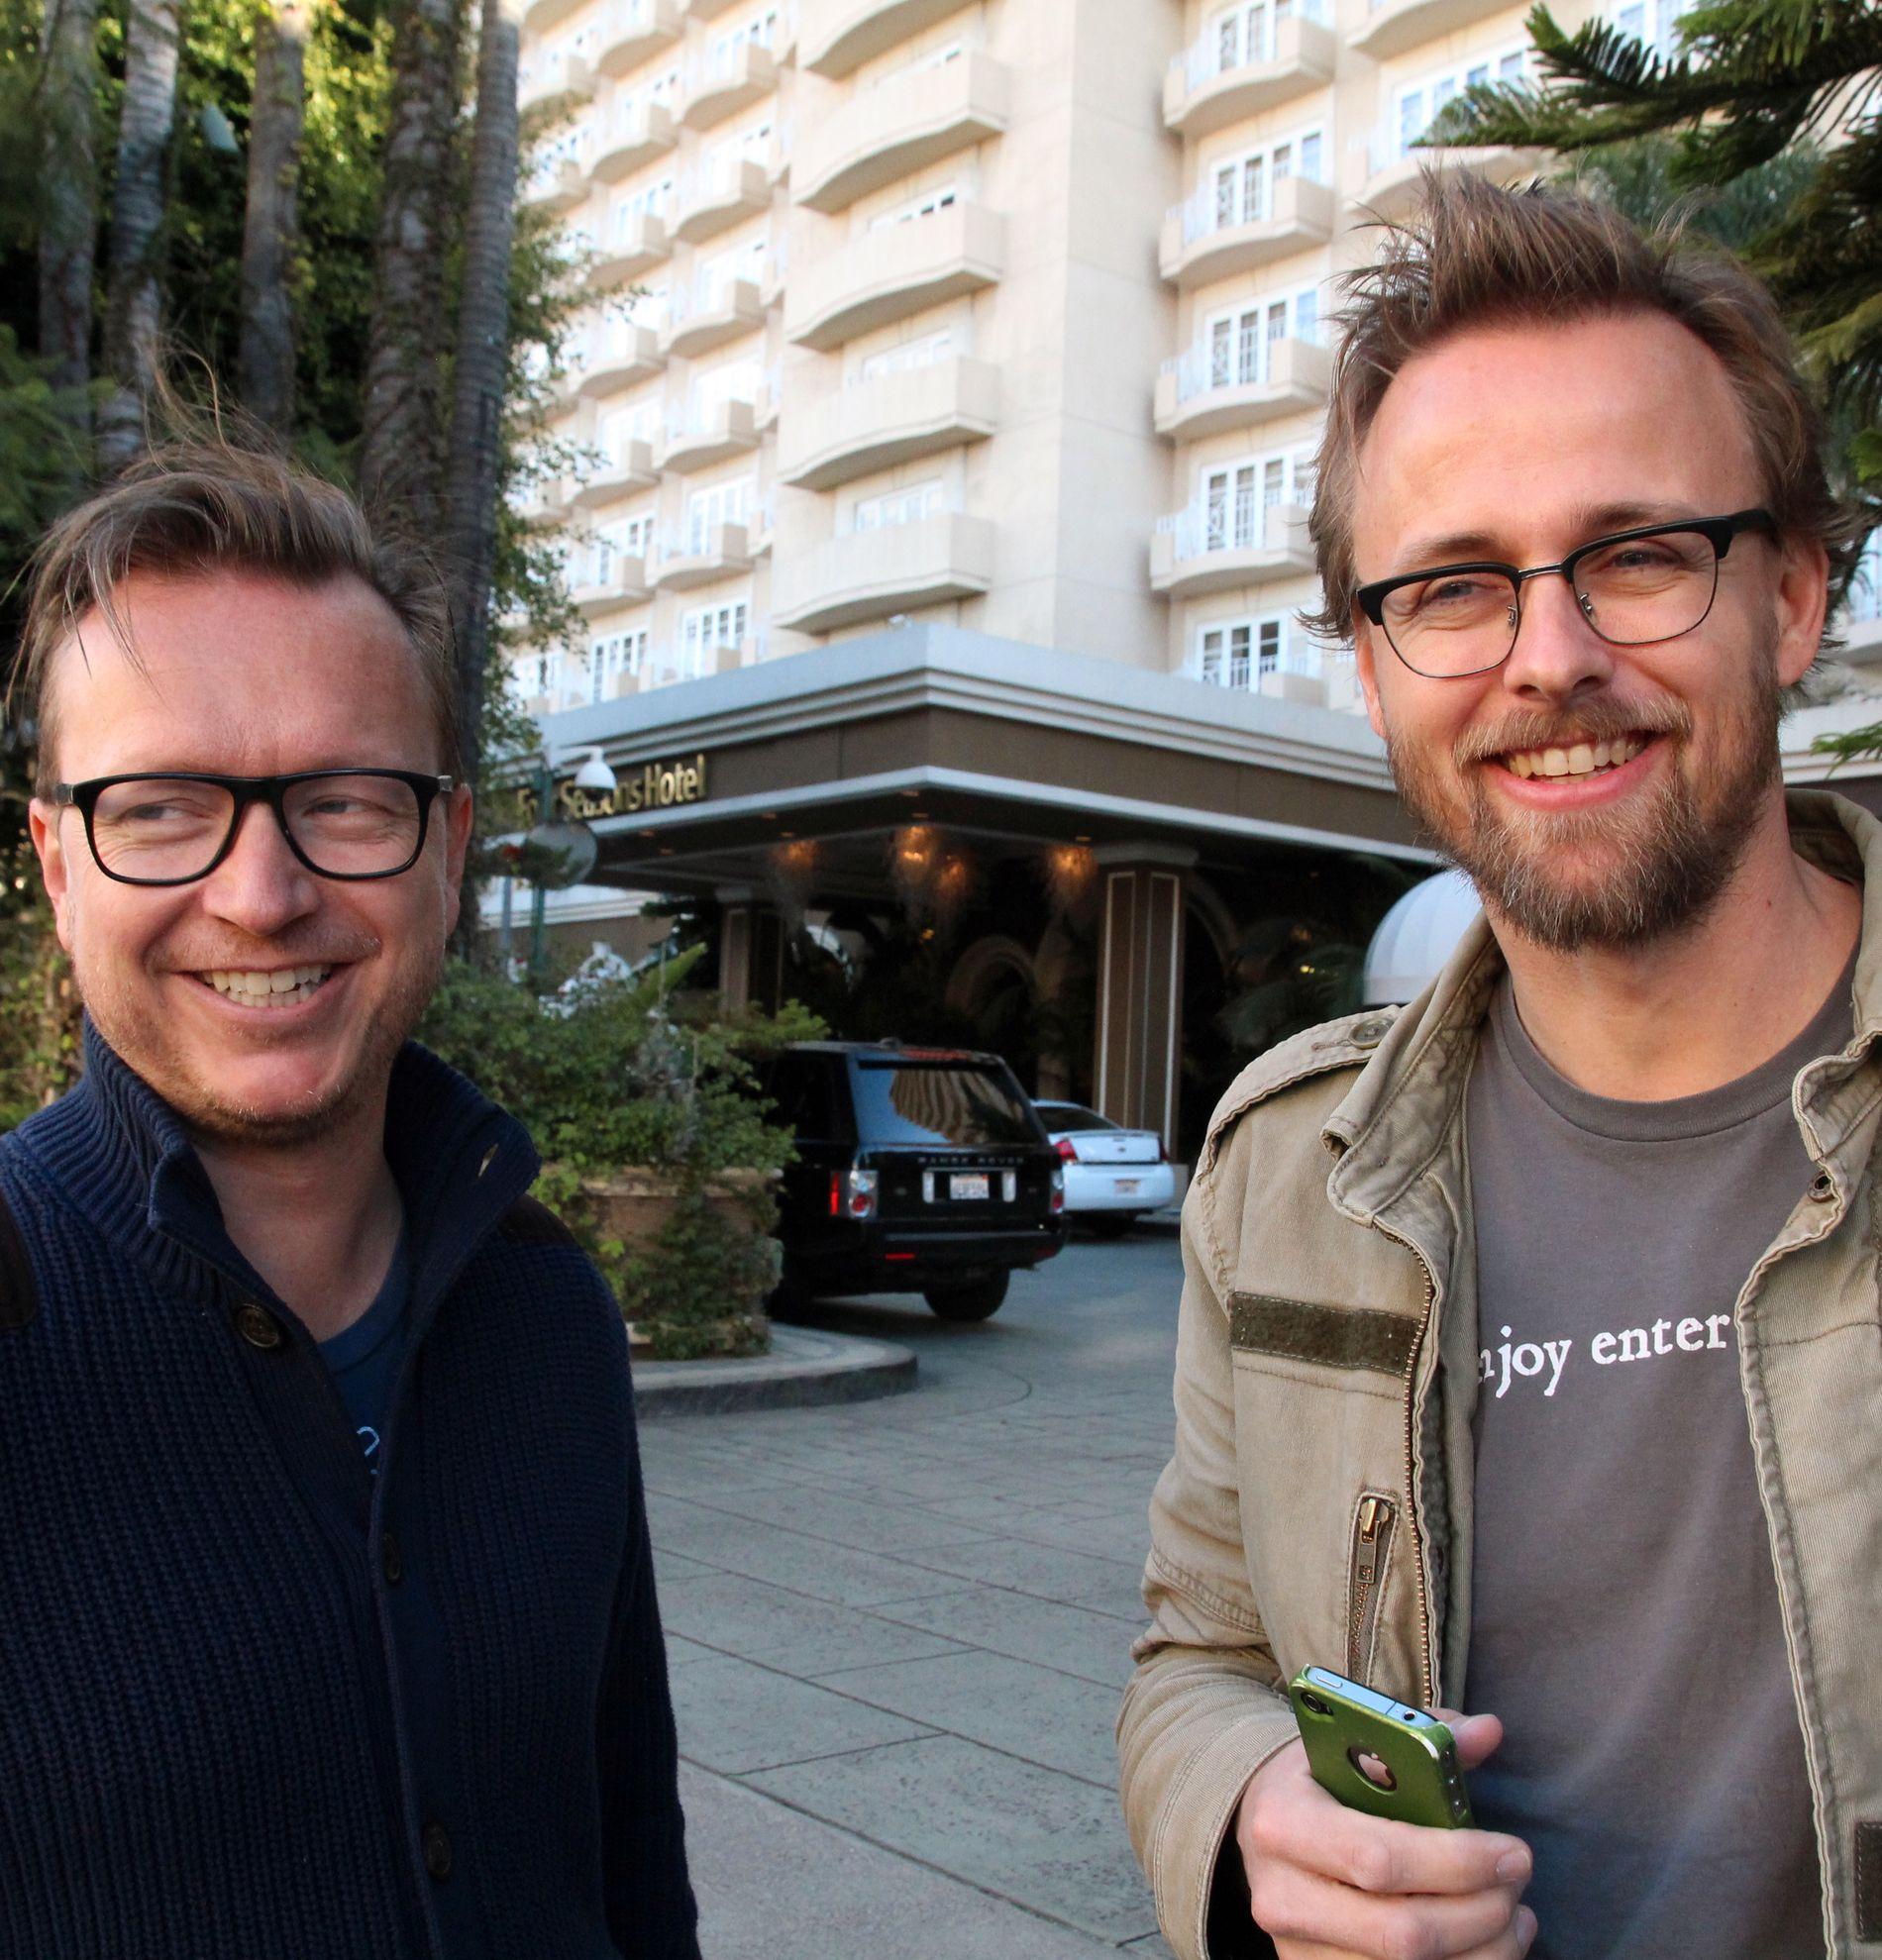 EKS-MAKKERE: Espen Sandberg (t.v.) og Joachim Rønning i L.A. i 2013.